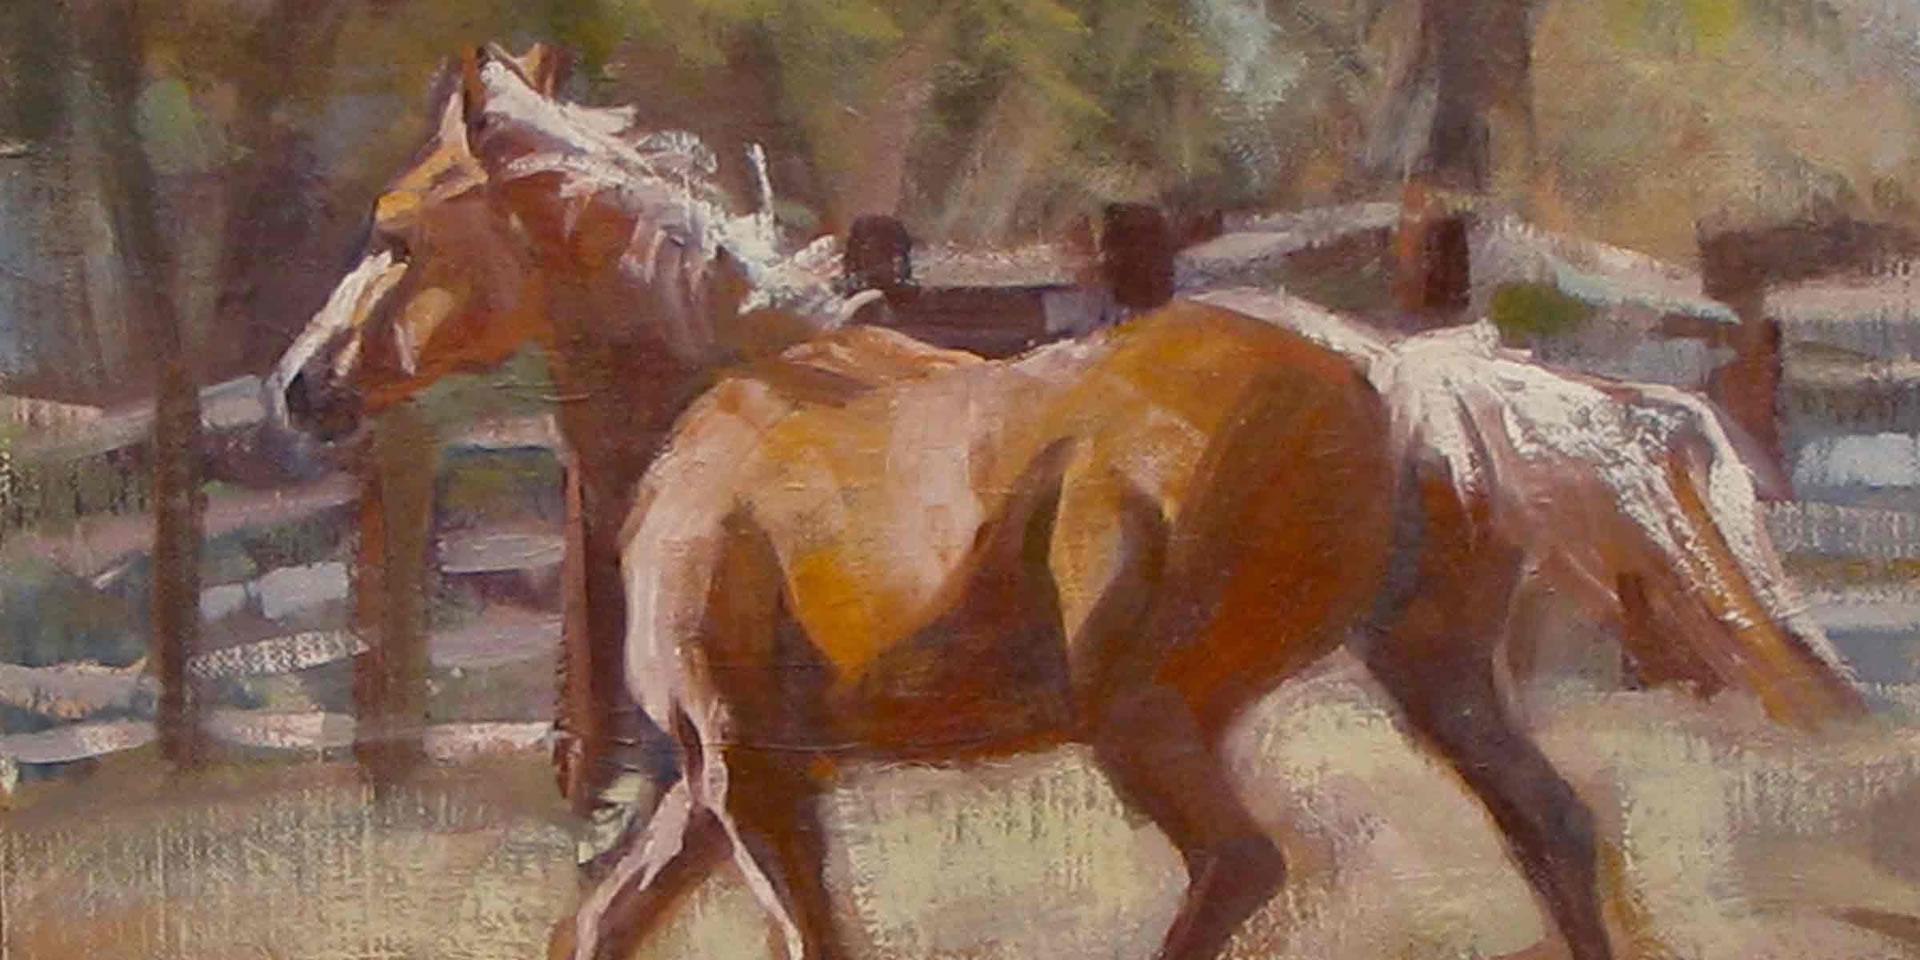 Haven and Hearth: Про то, как я штурмовал крепость, чтобы спасти лошадку